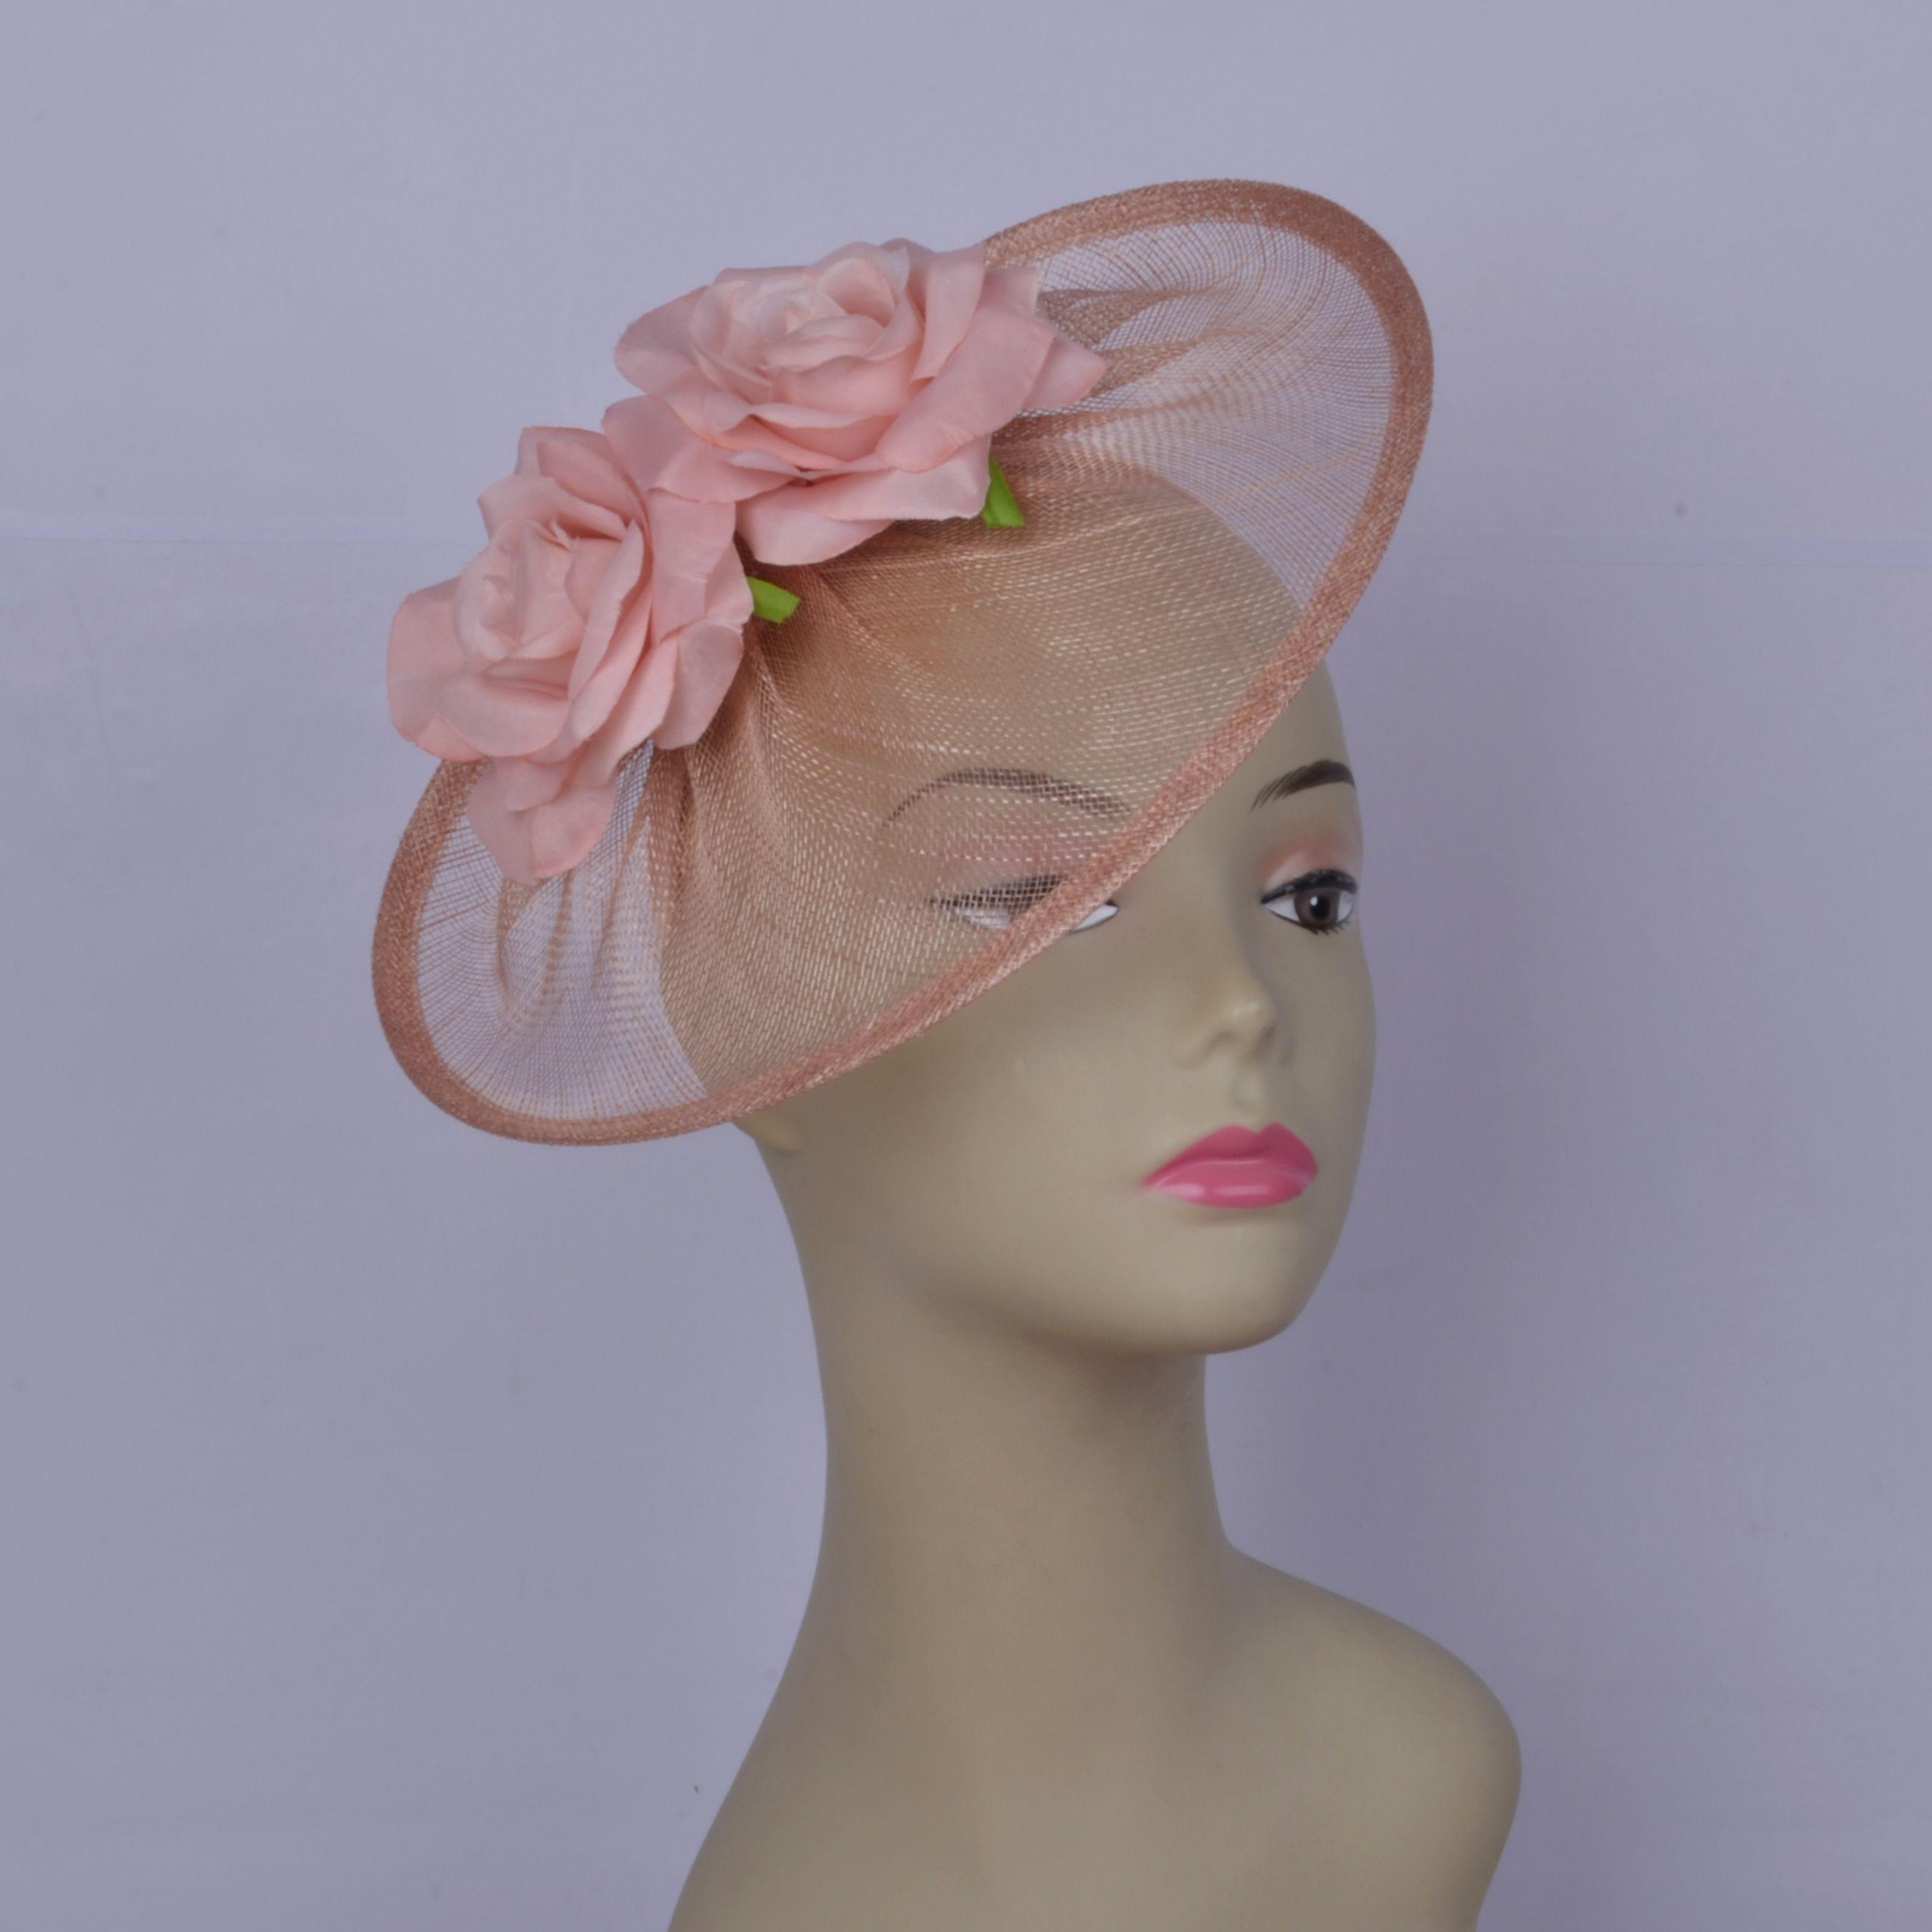 2019 Blush pink Rose flower fascinator Cappello da donna sinamay fascinator hat per la cerimonia nuziale doccia madre della sposa